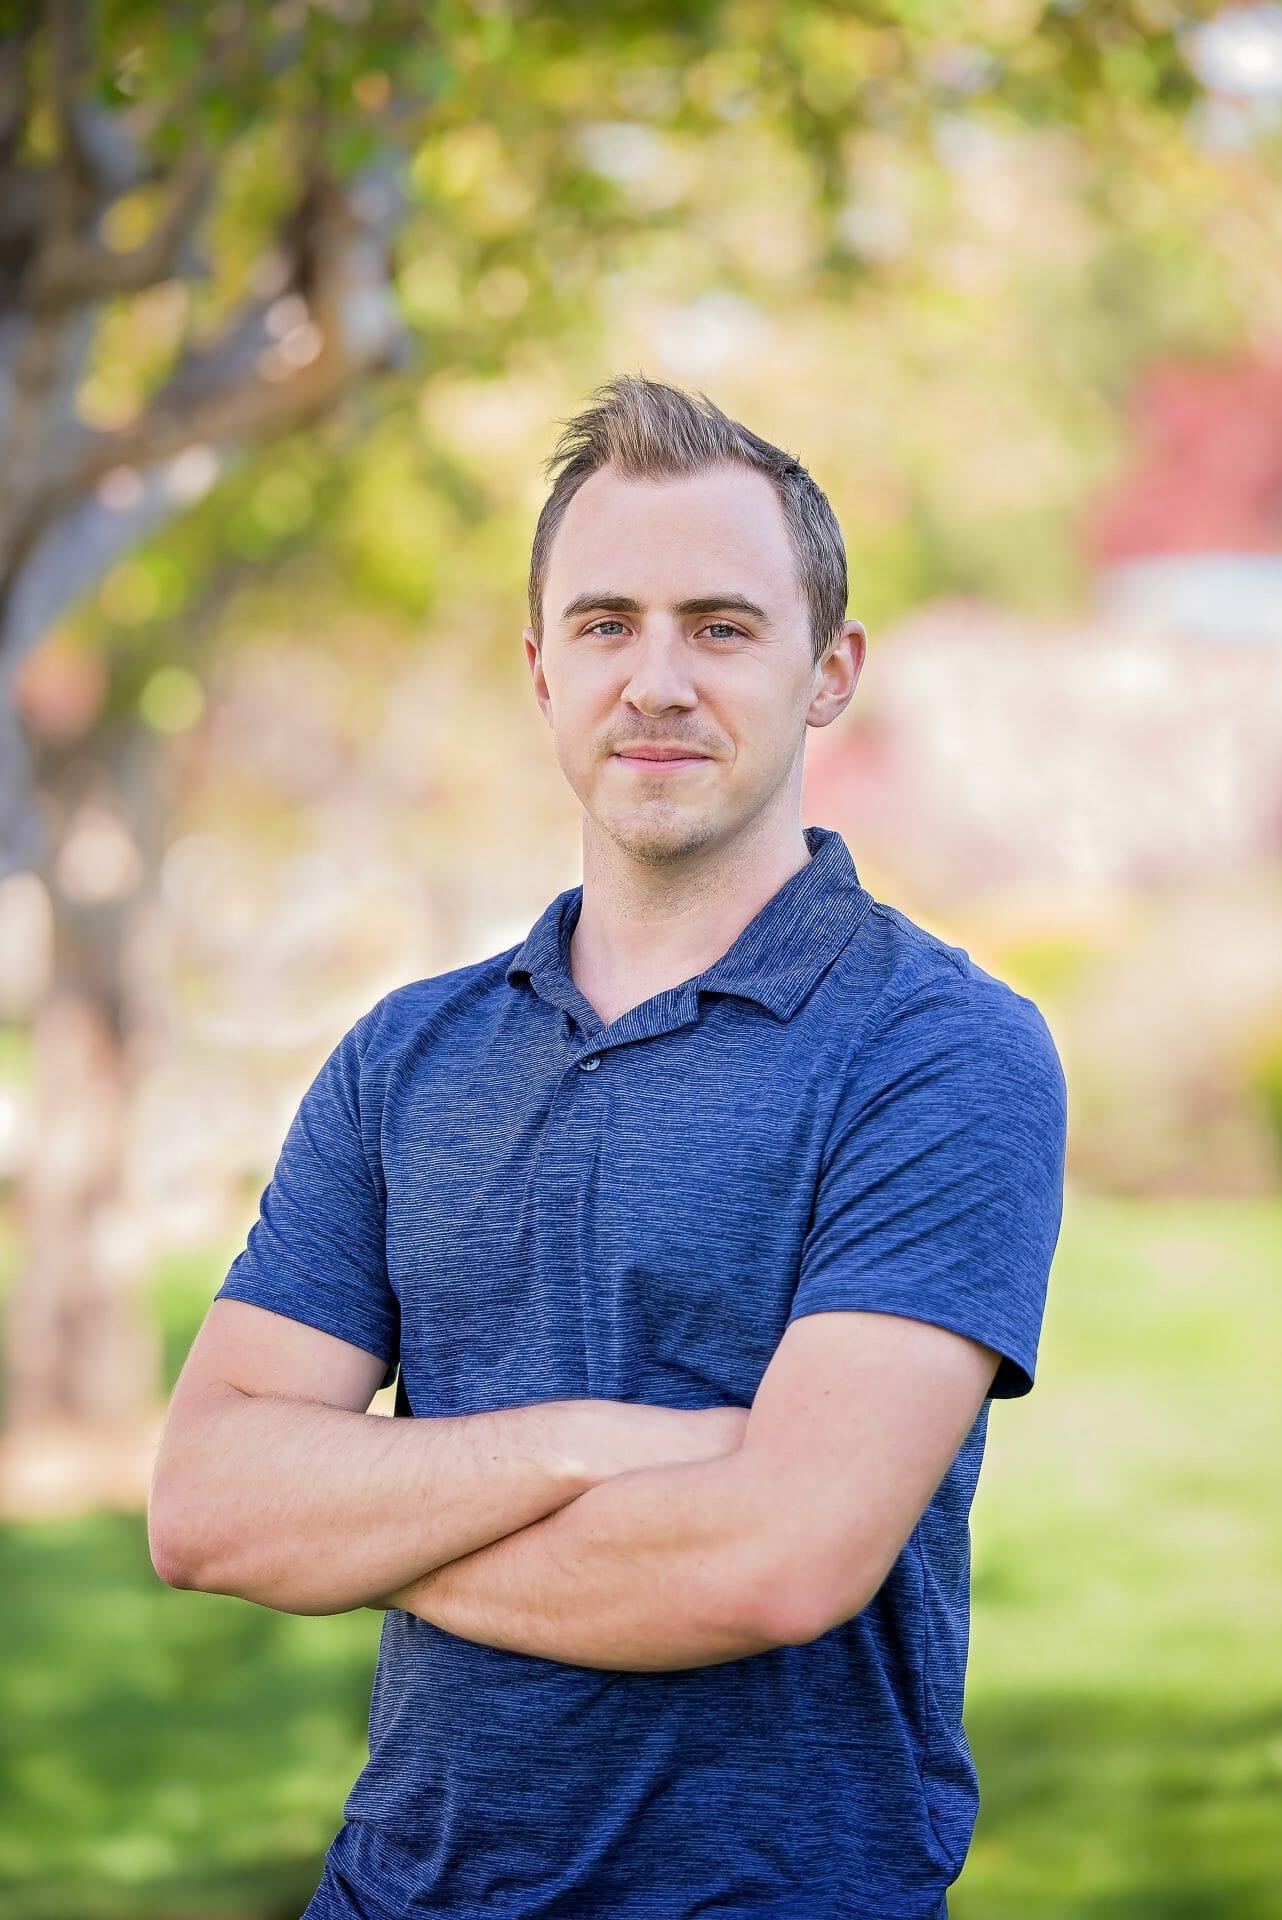 Eric Deegear